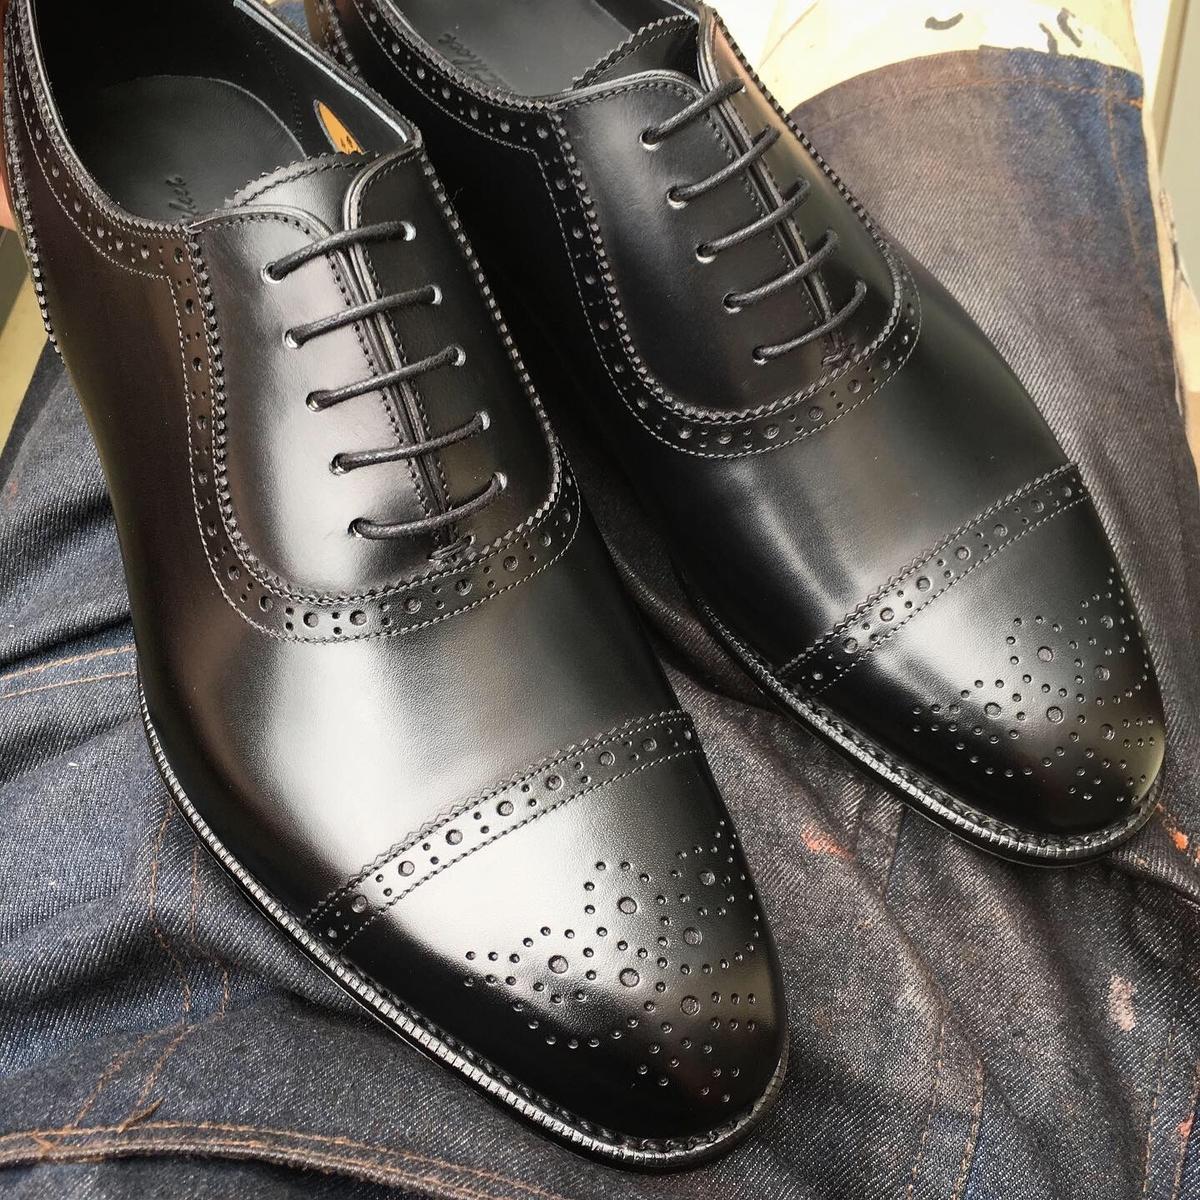 f:id:raymar-shoes:20190612220958j:plain